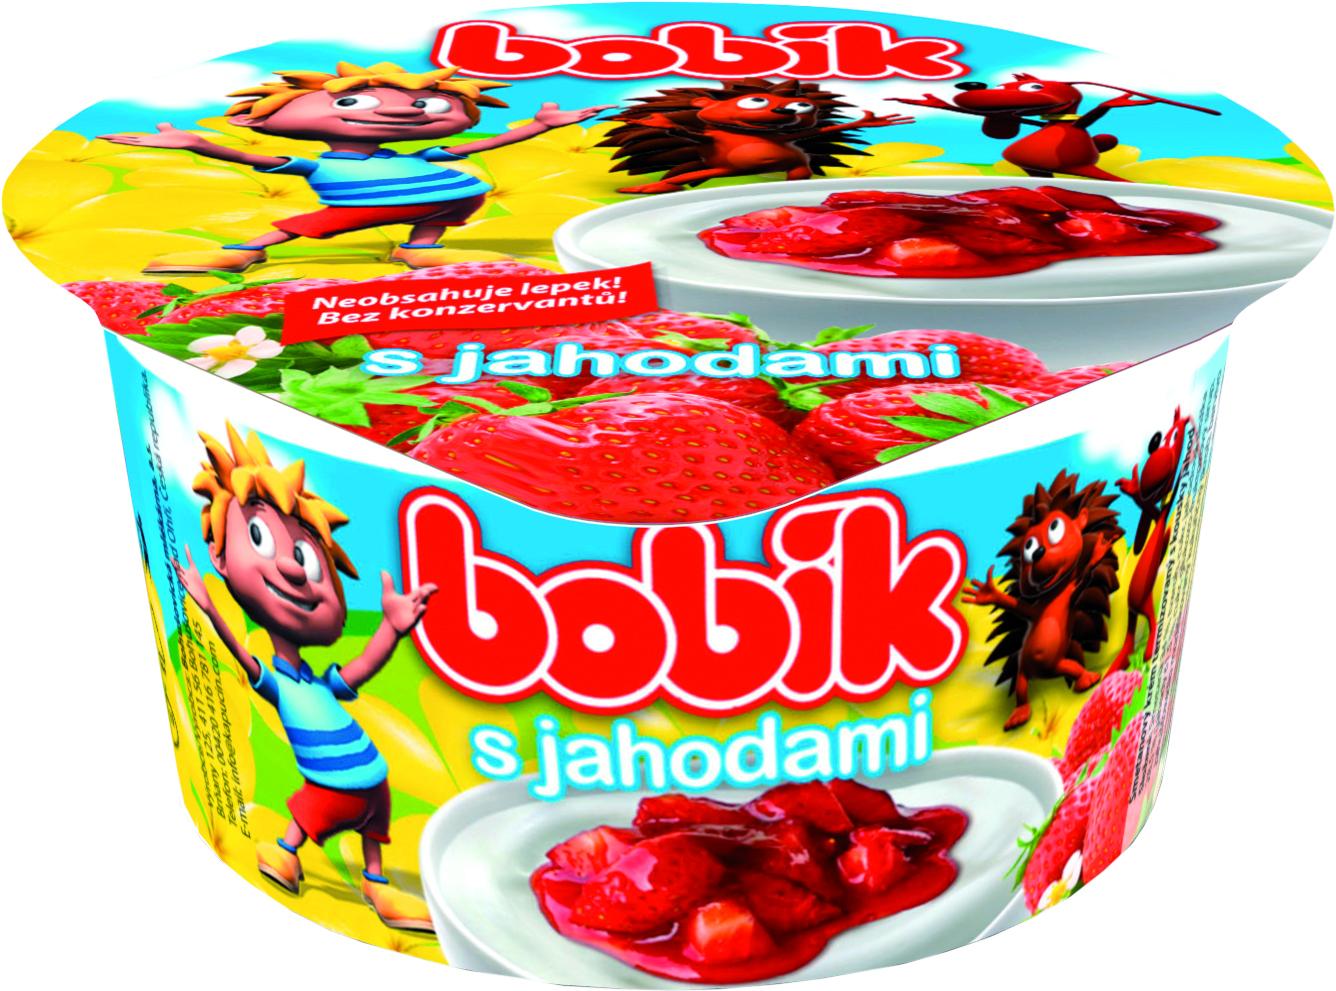 Značka Bobík s jahodami